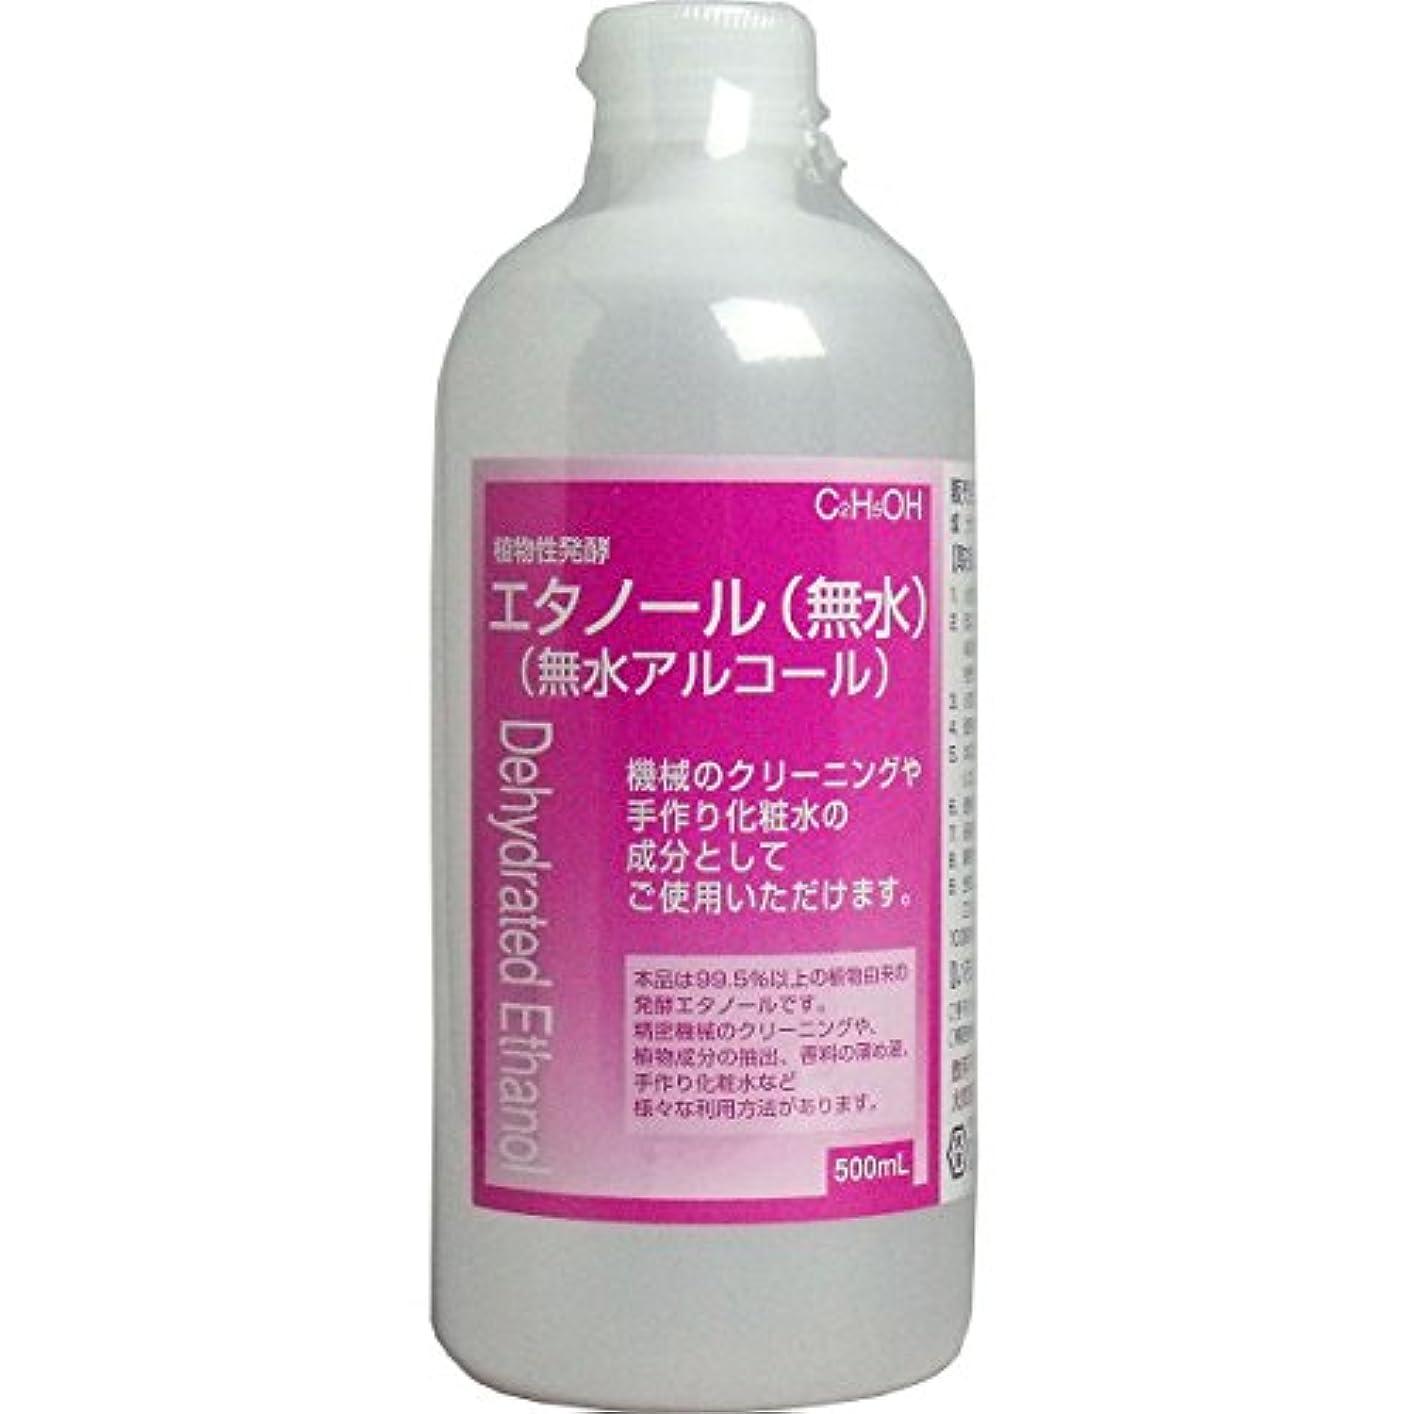 耐える与える存在手作り化粧水に 植物性発酵エタノール(無水エタノール) 500mL 2本セット